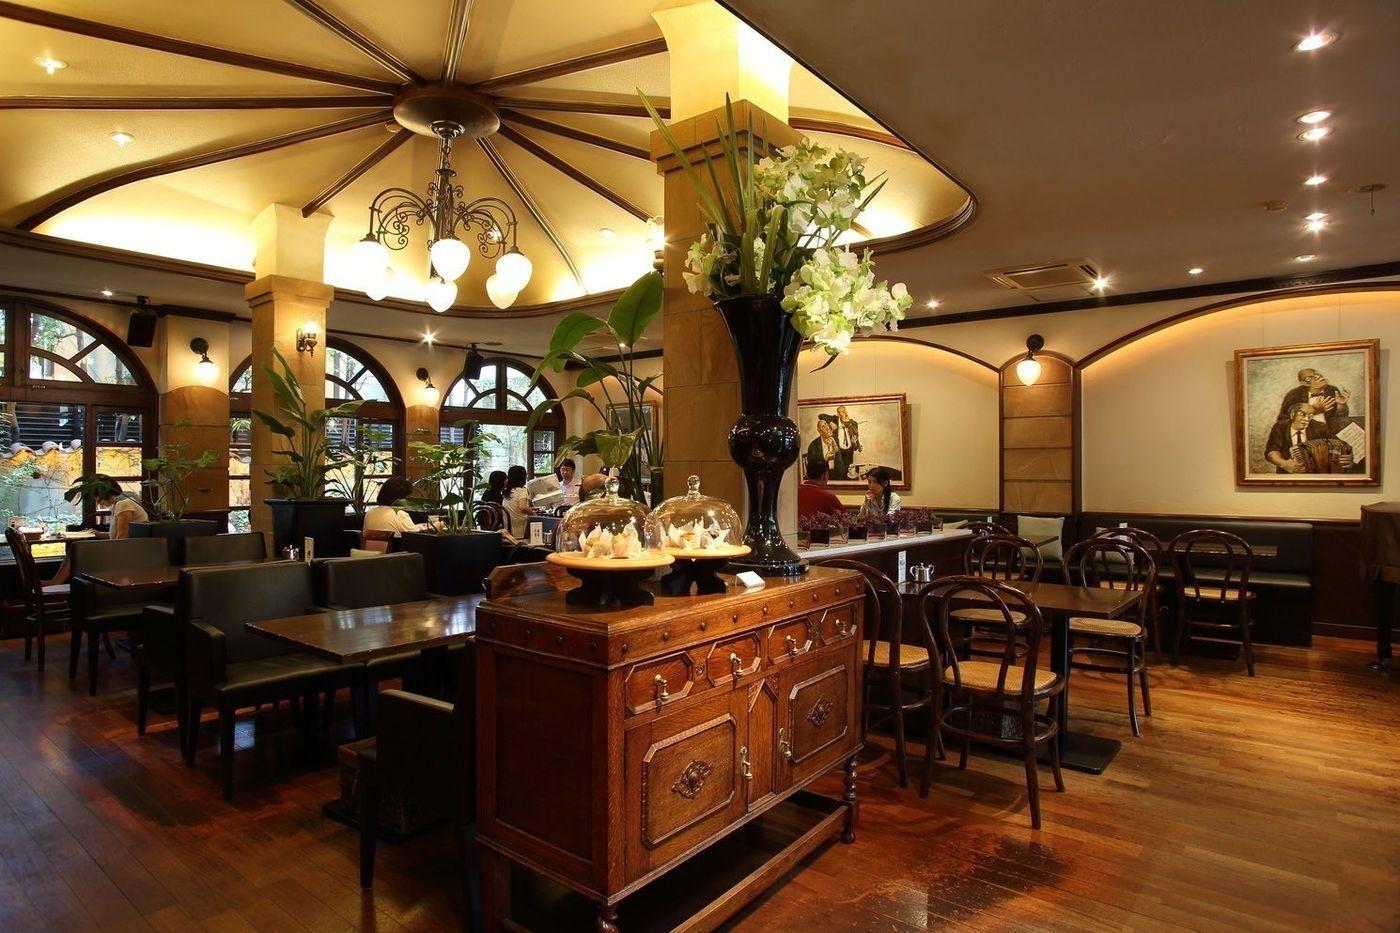 名古屋のおしゃれカフェ9選!スイーツやランチのおすすめご紹介の画像